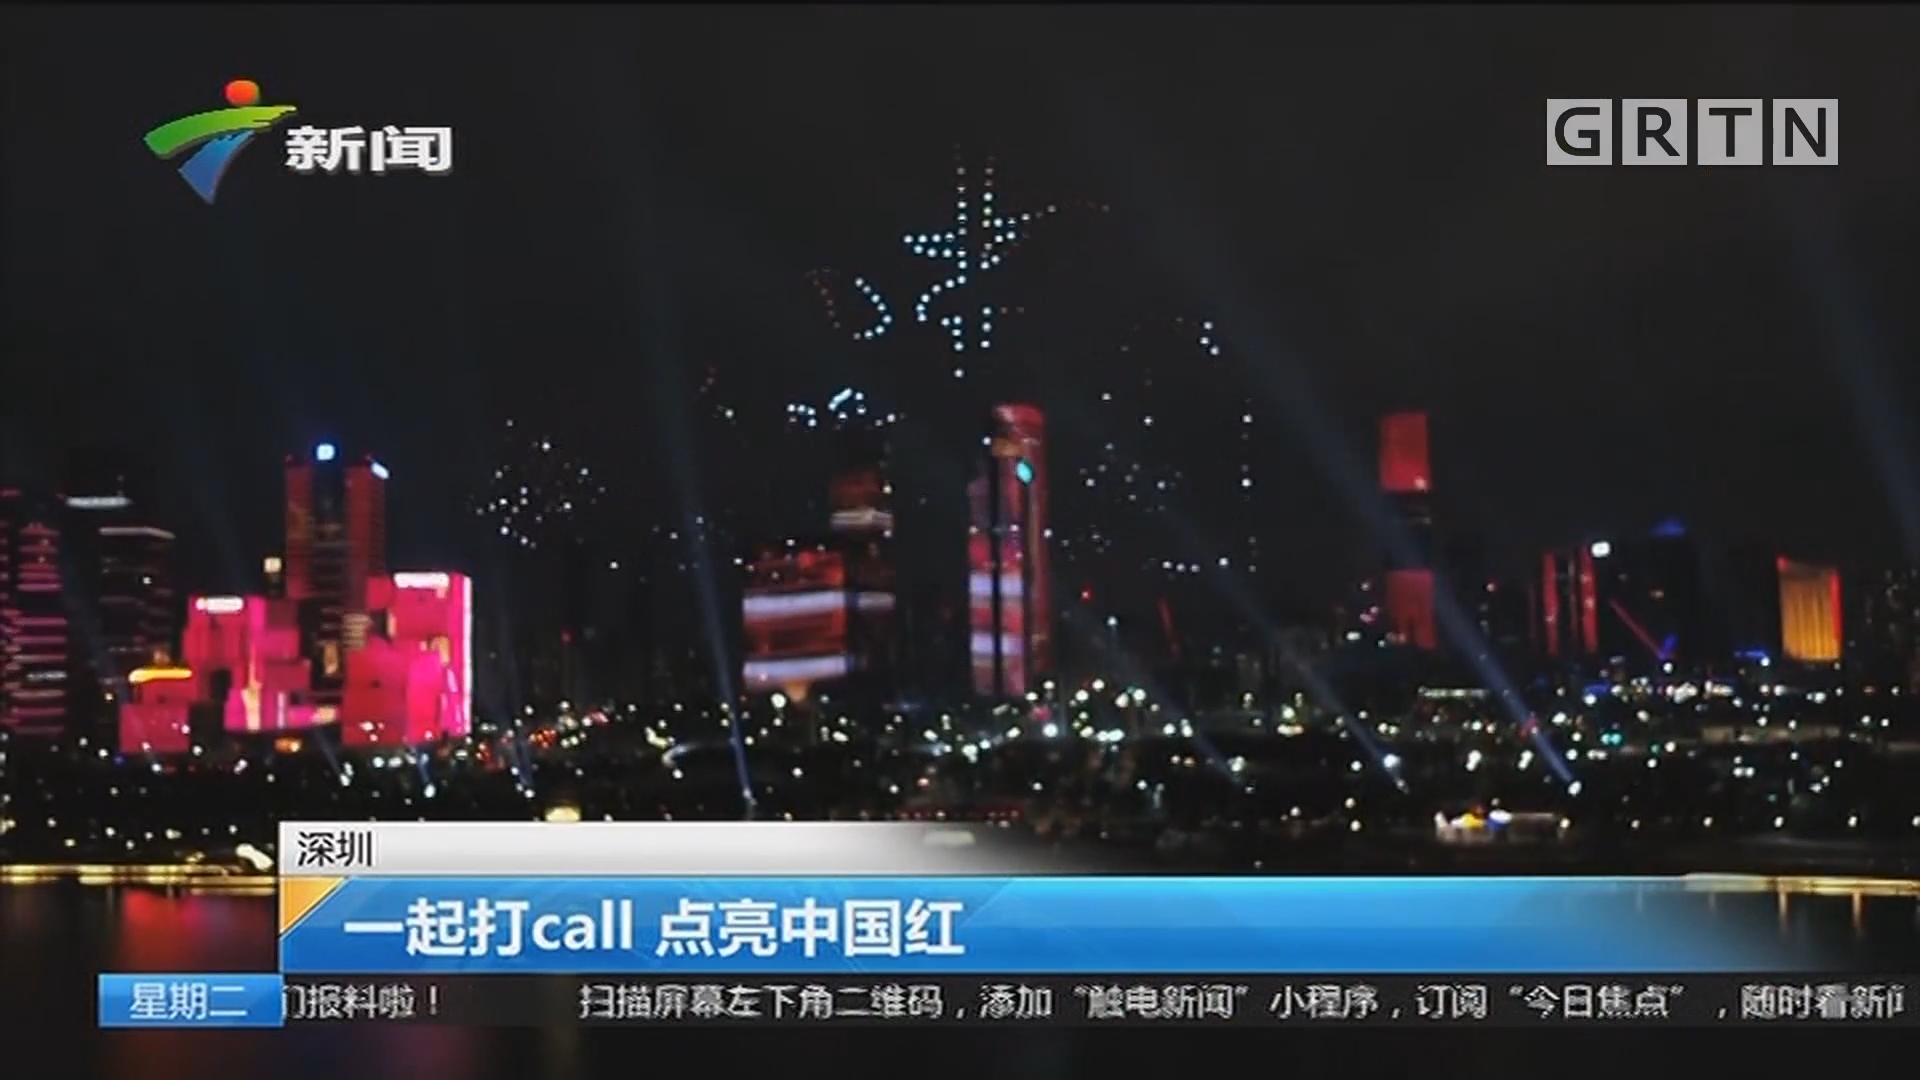 深圳:一起打call 点亮中国红